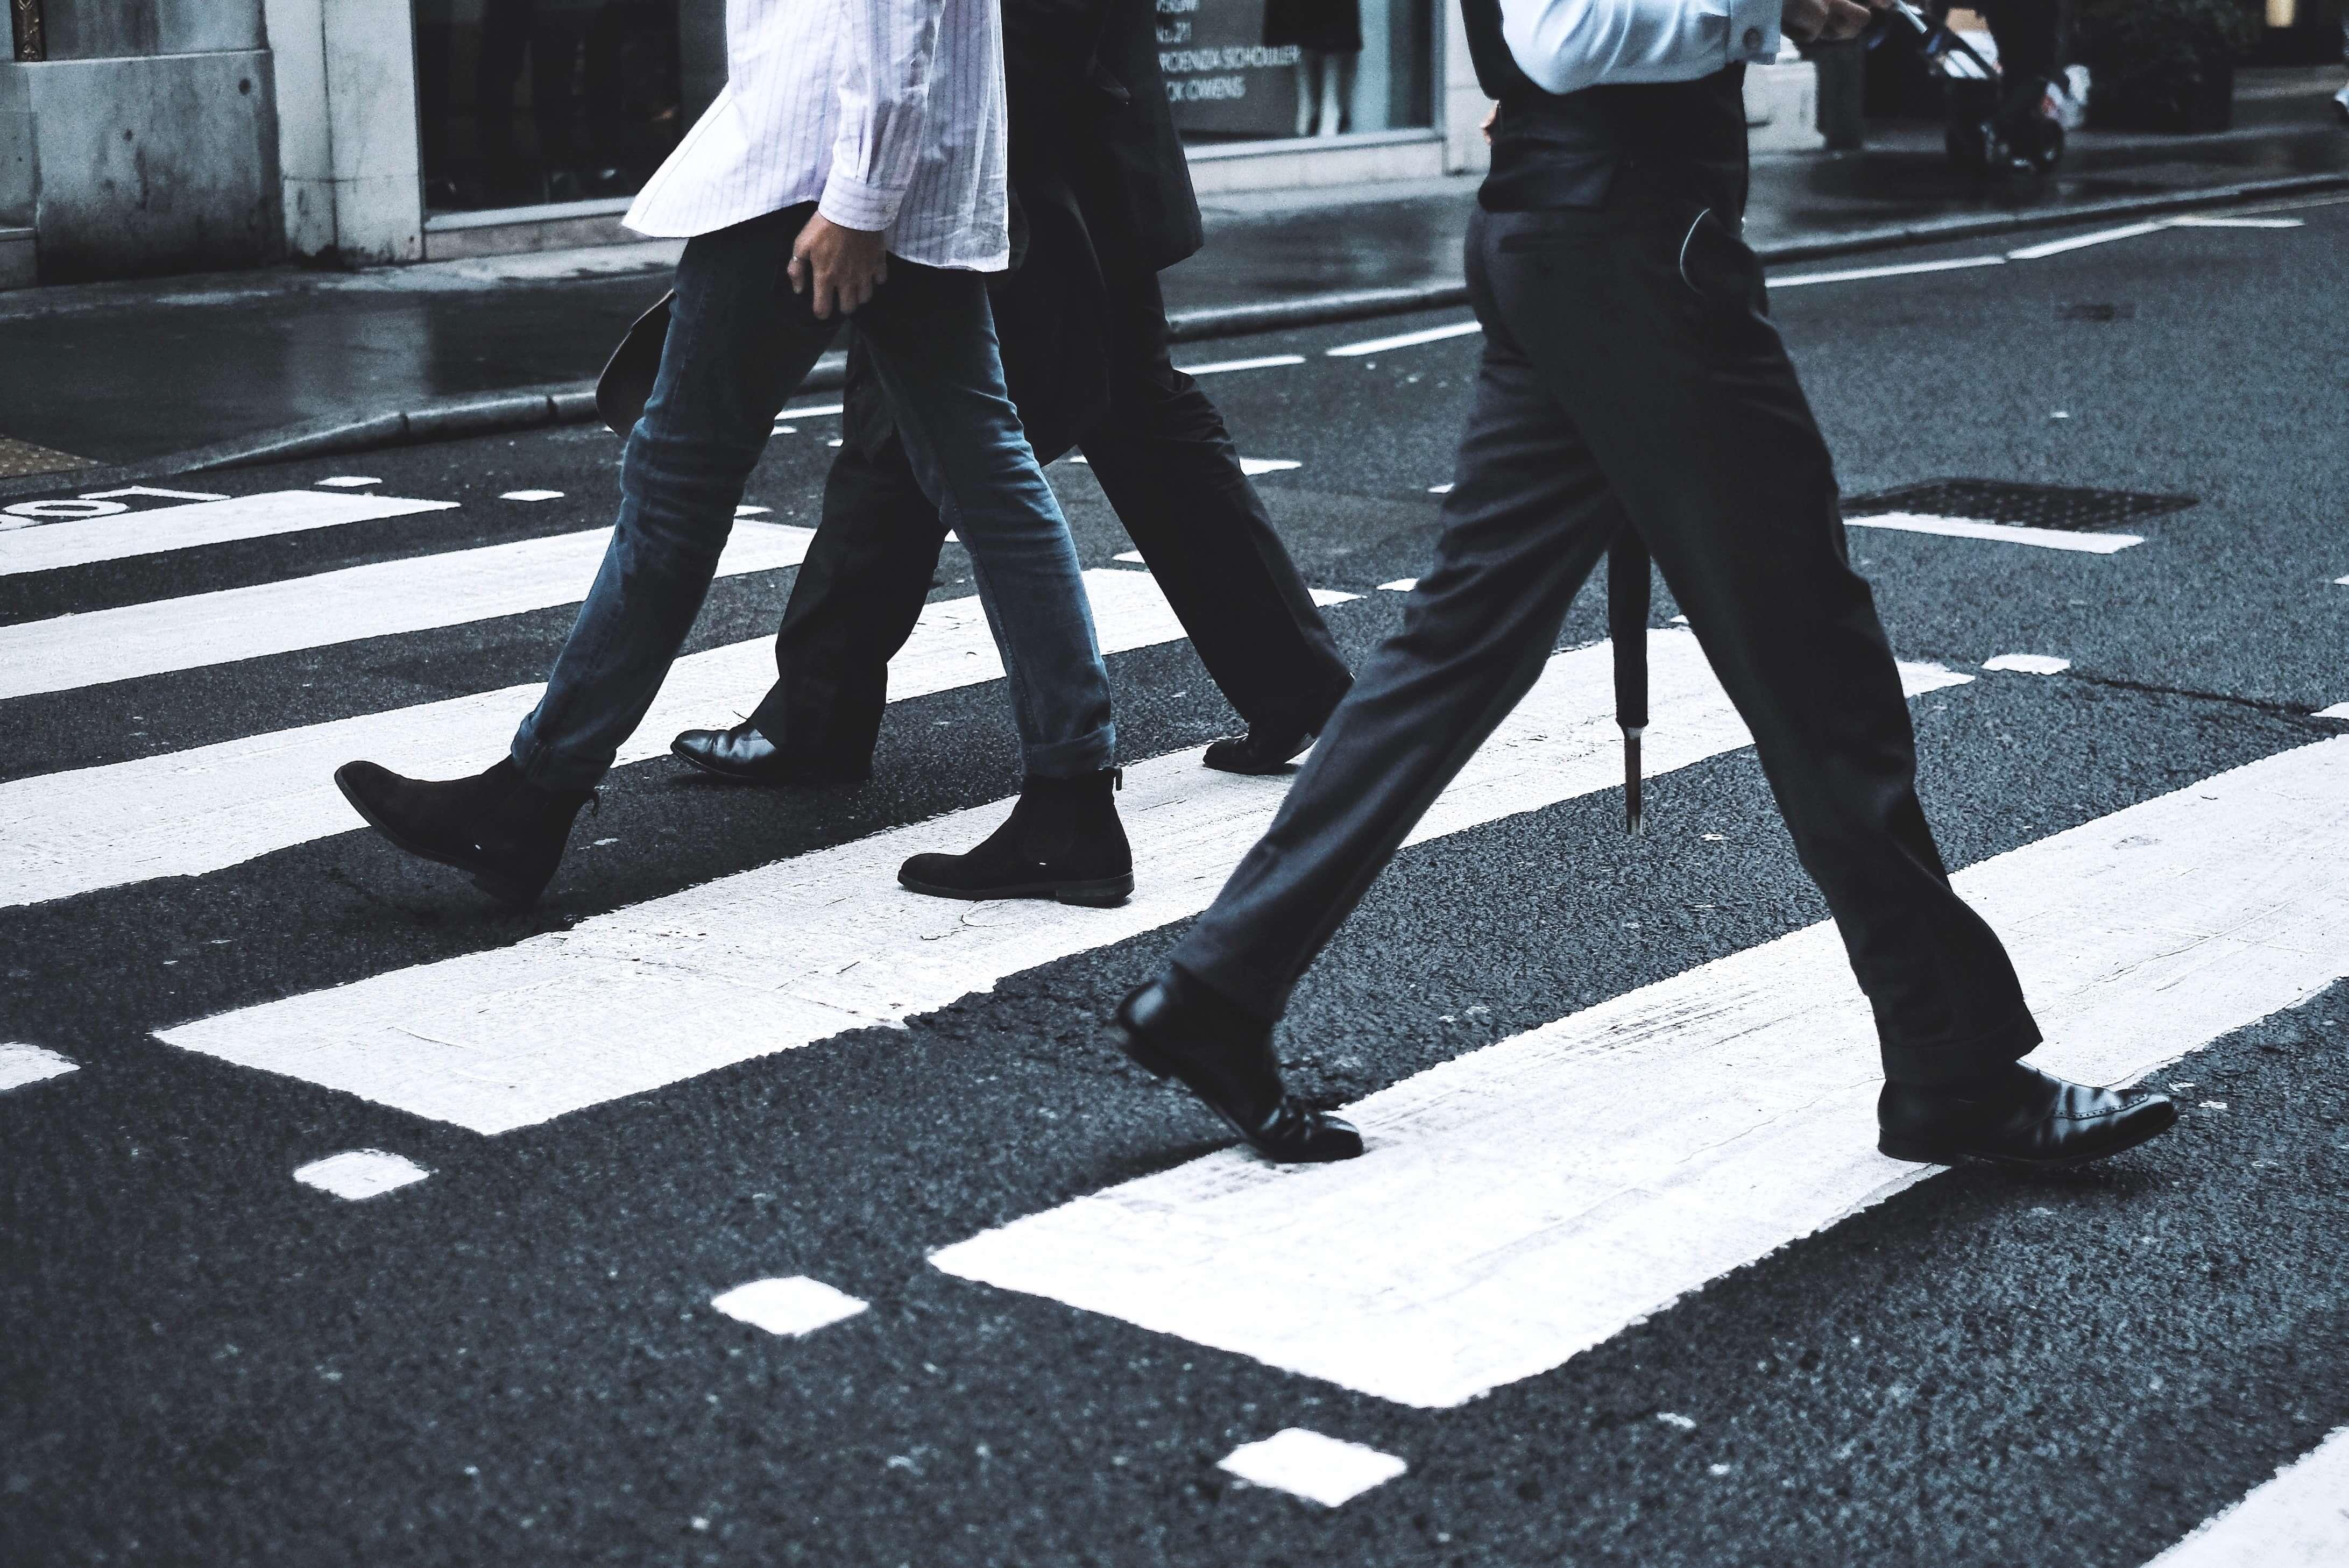 Pessoas caminhando pela faixa de pedestres